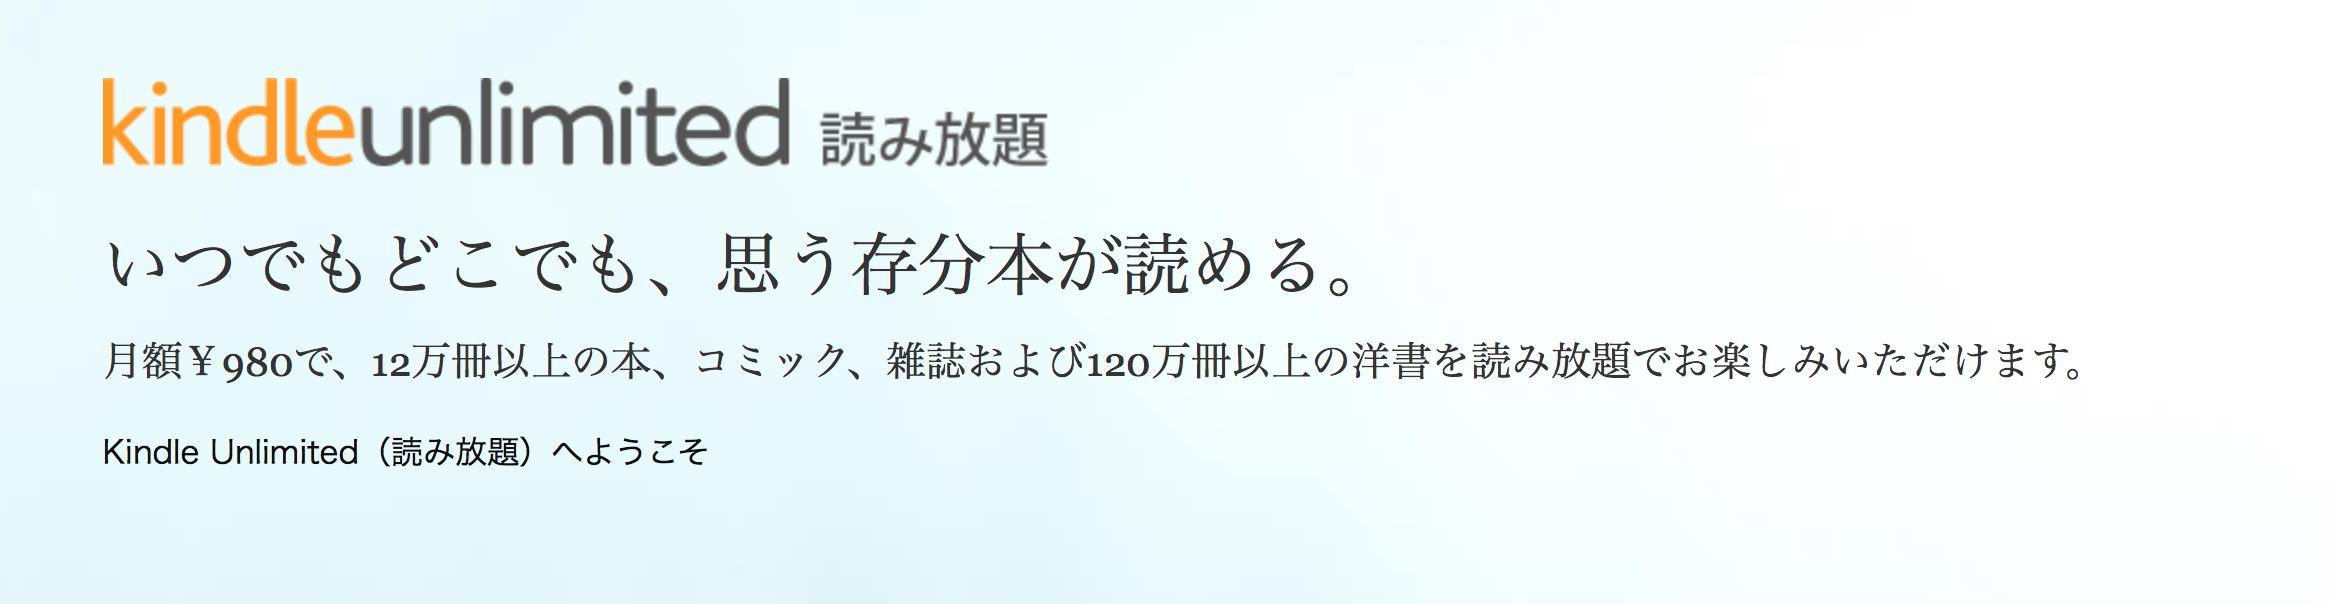 スクリーンショット 2016-08-03 8.43.41.png